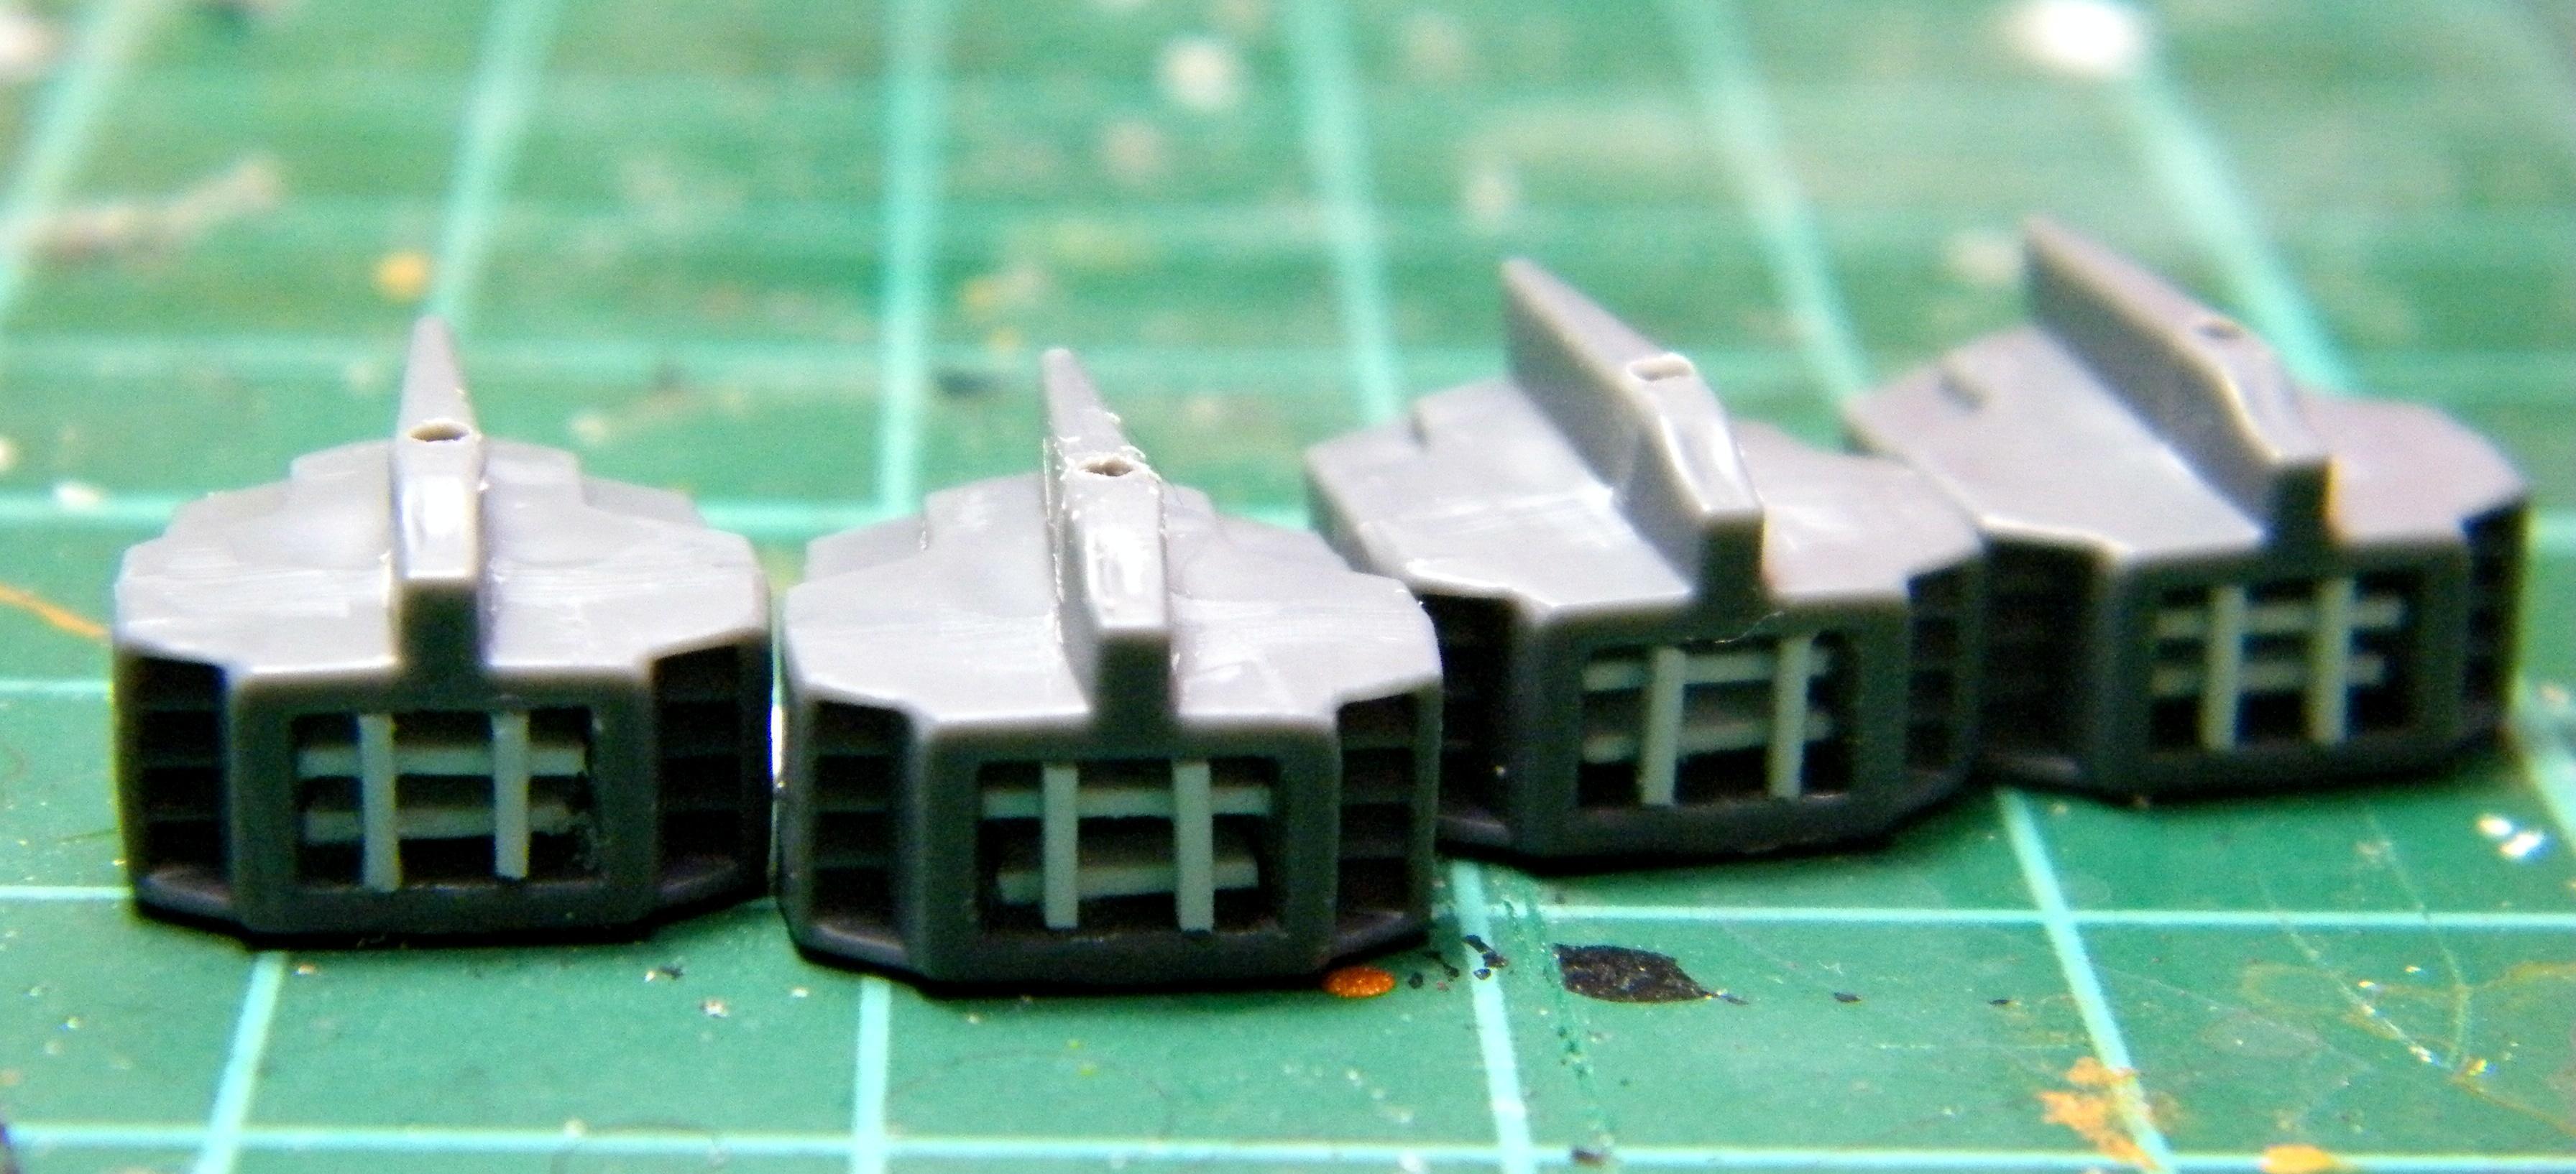 Flechette Dischargers